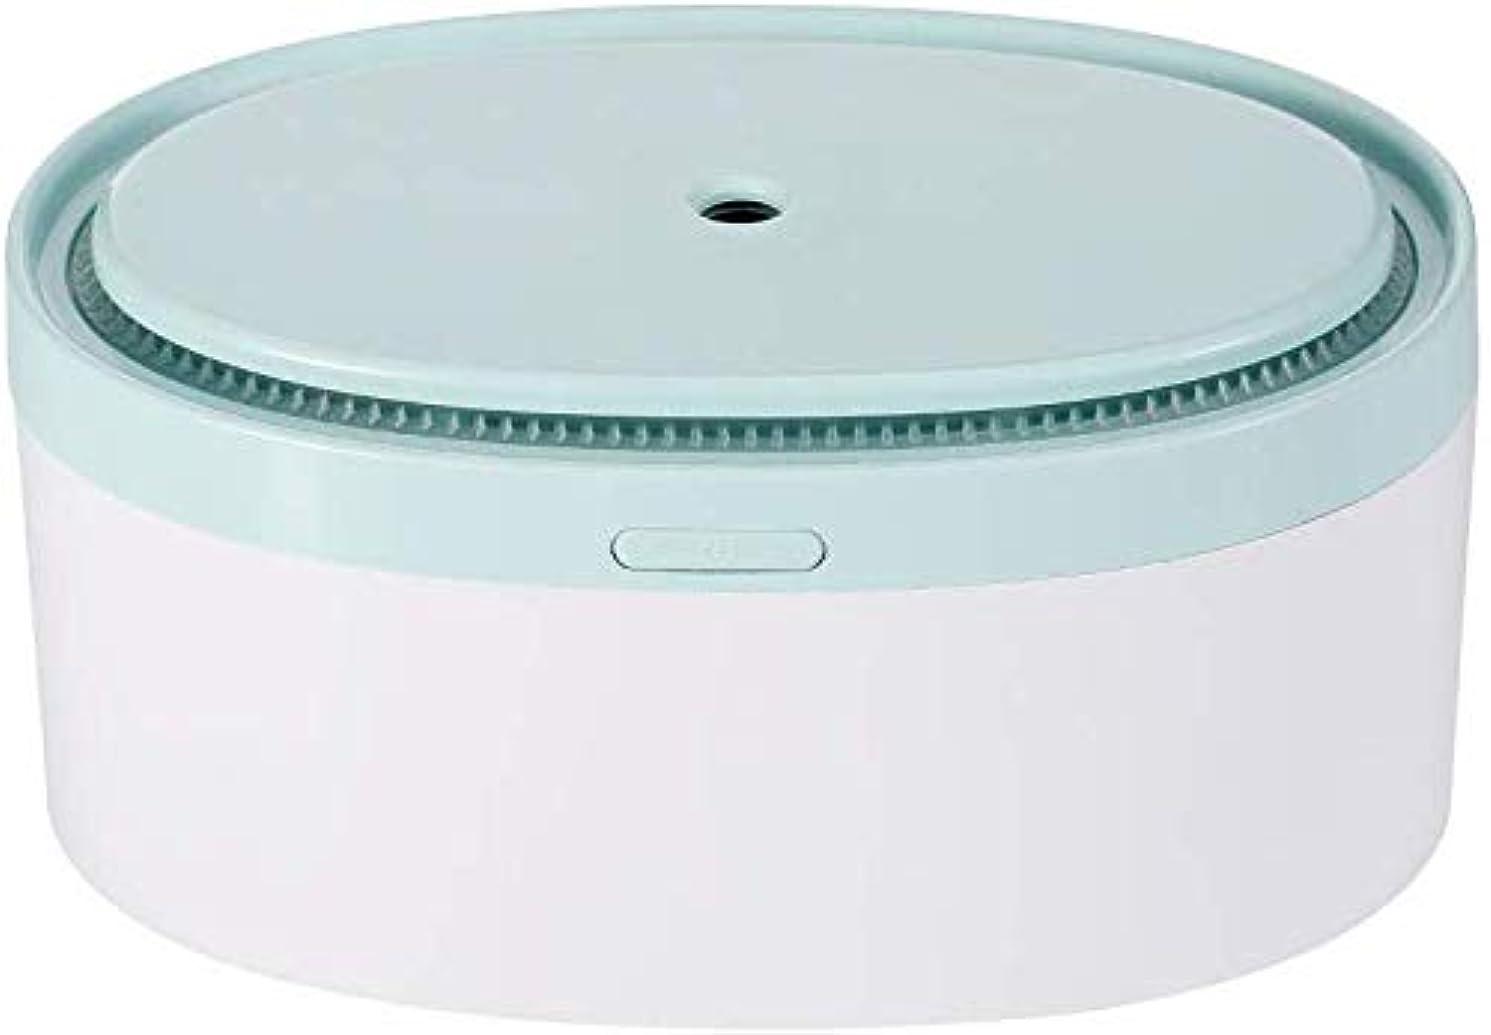 ブース免除免除SOTCE アロマディフューザー加湿器電気エッセンシャルオイル超音波霧化技術満足のいく解決策 (Color : Blue)